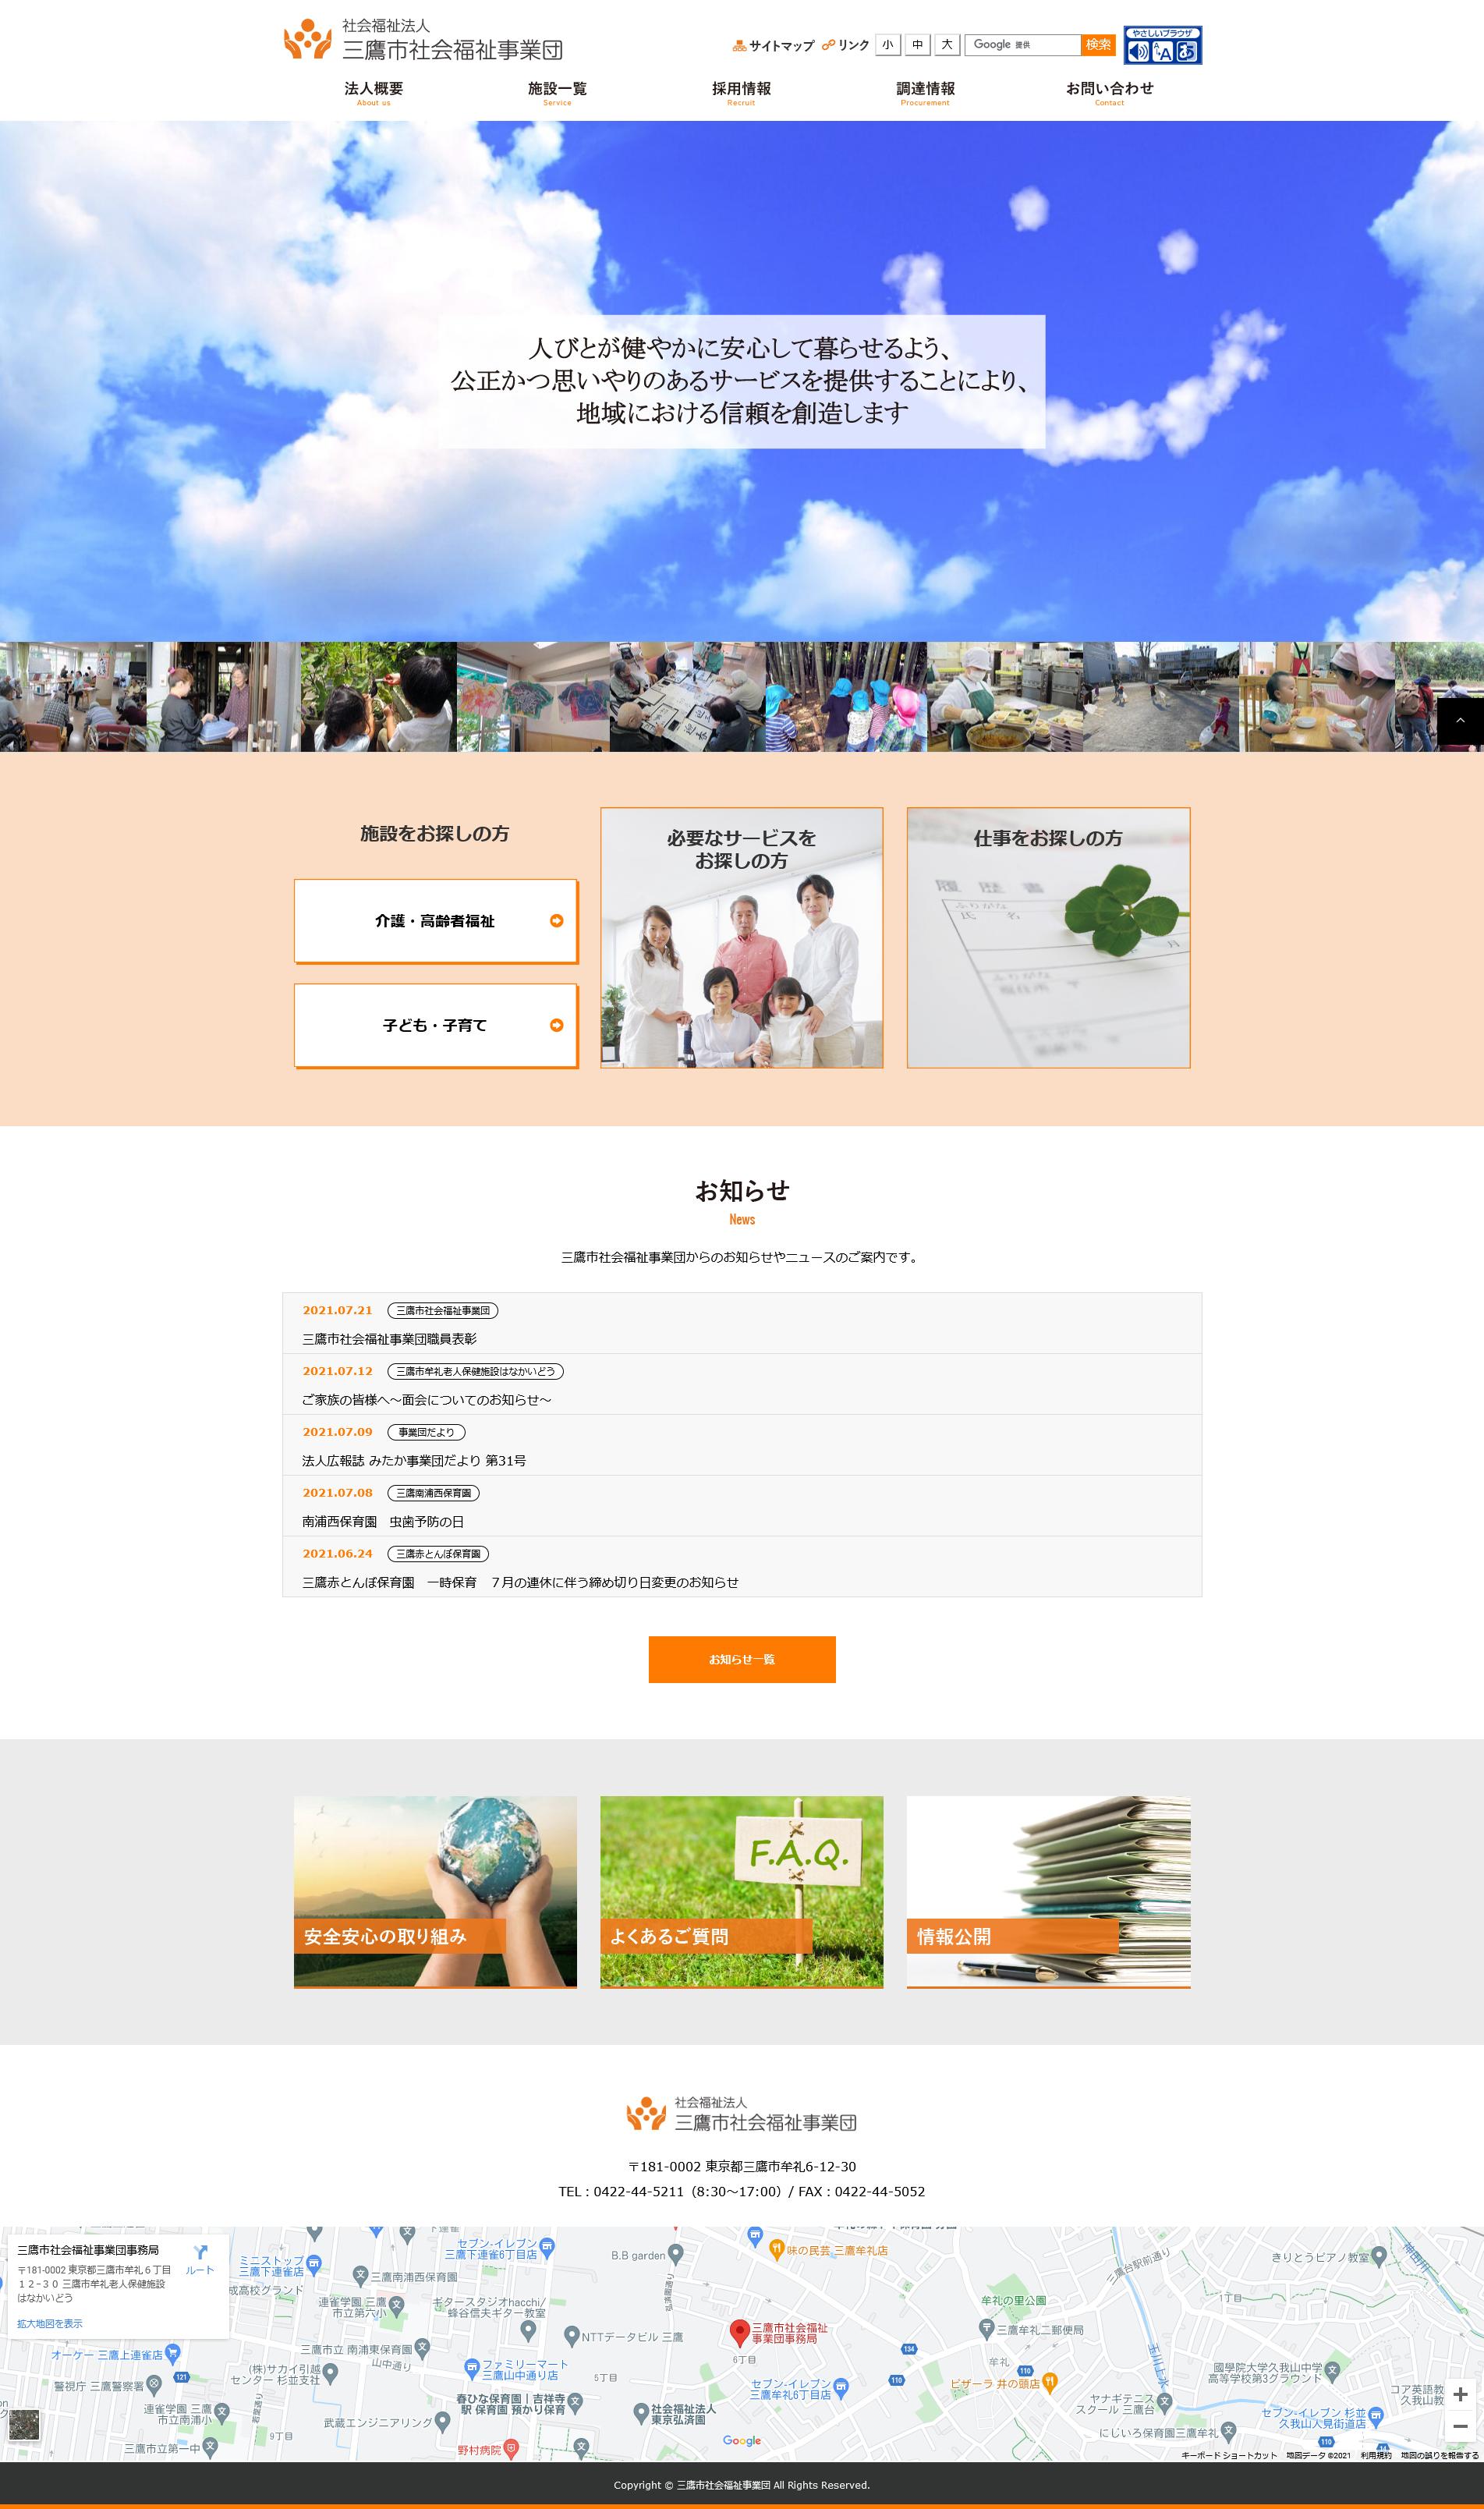 社会福祉法人三鷹市社会福祉事業団様オフィシャルサイト